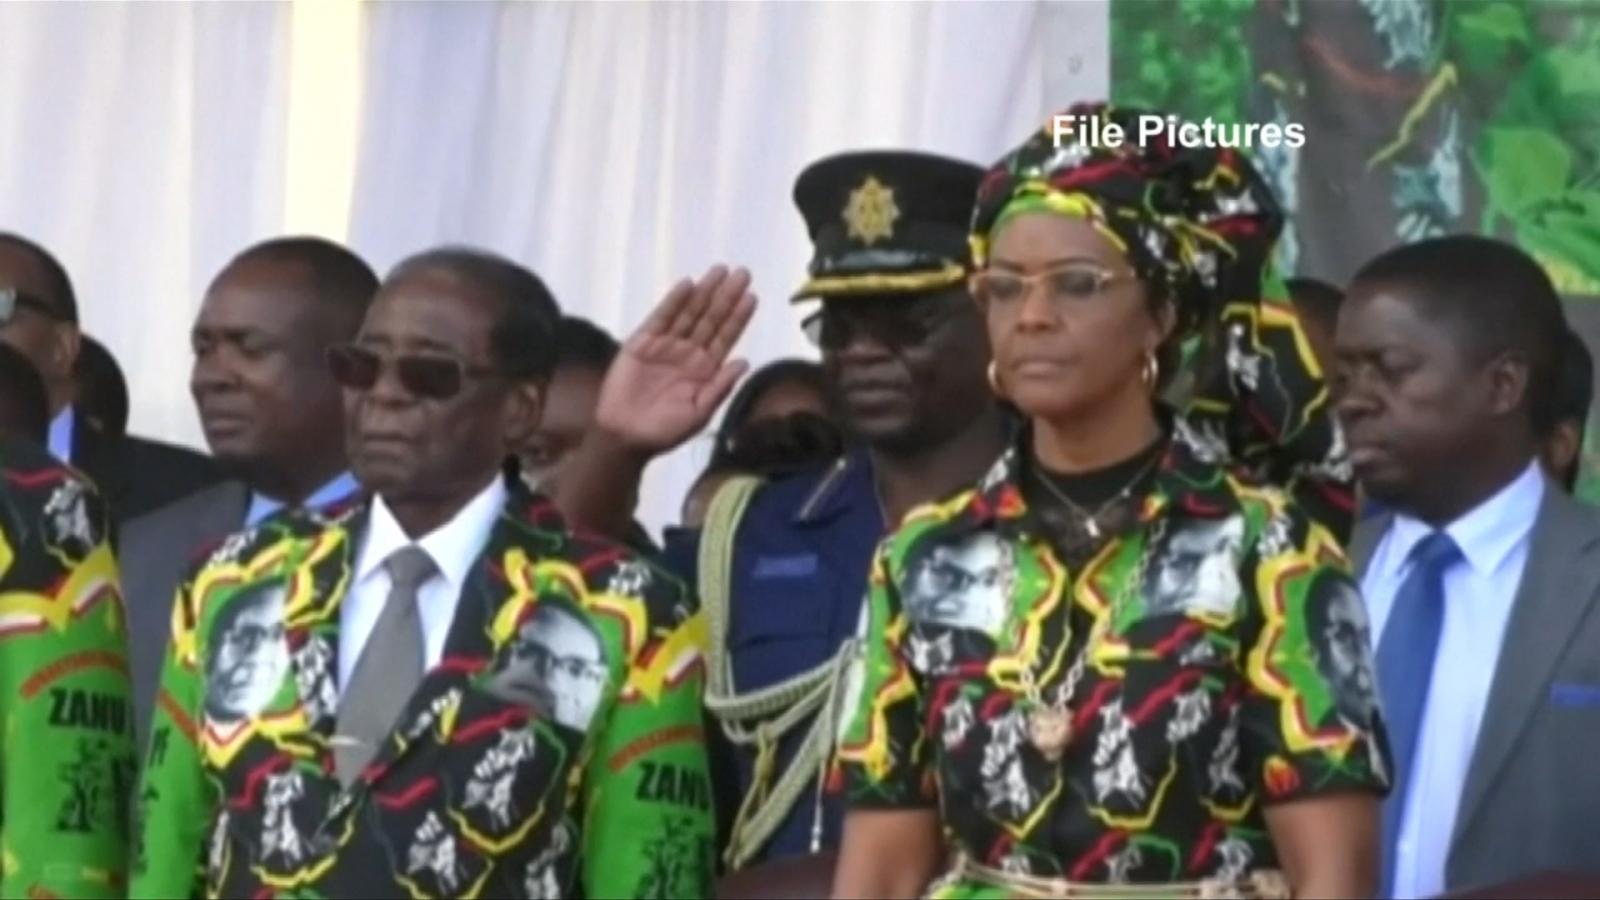 Zimbabwe's ruling party sacks Robert Mugabe